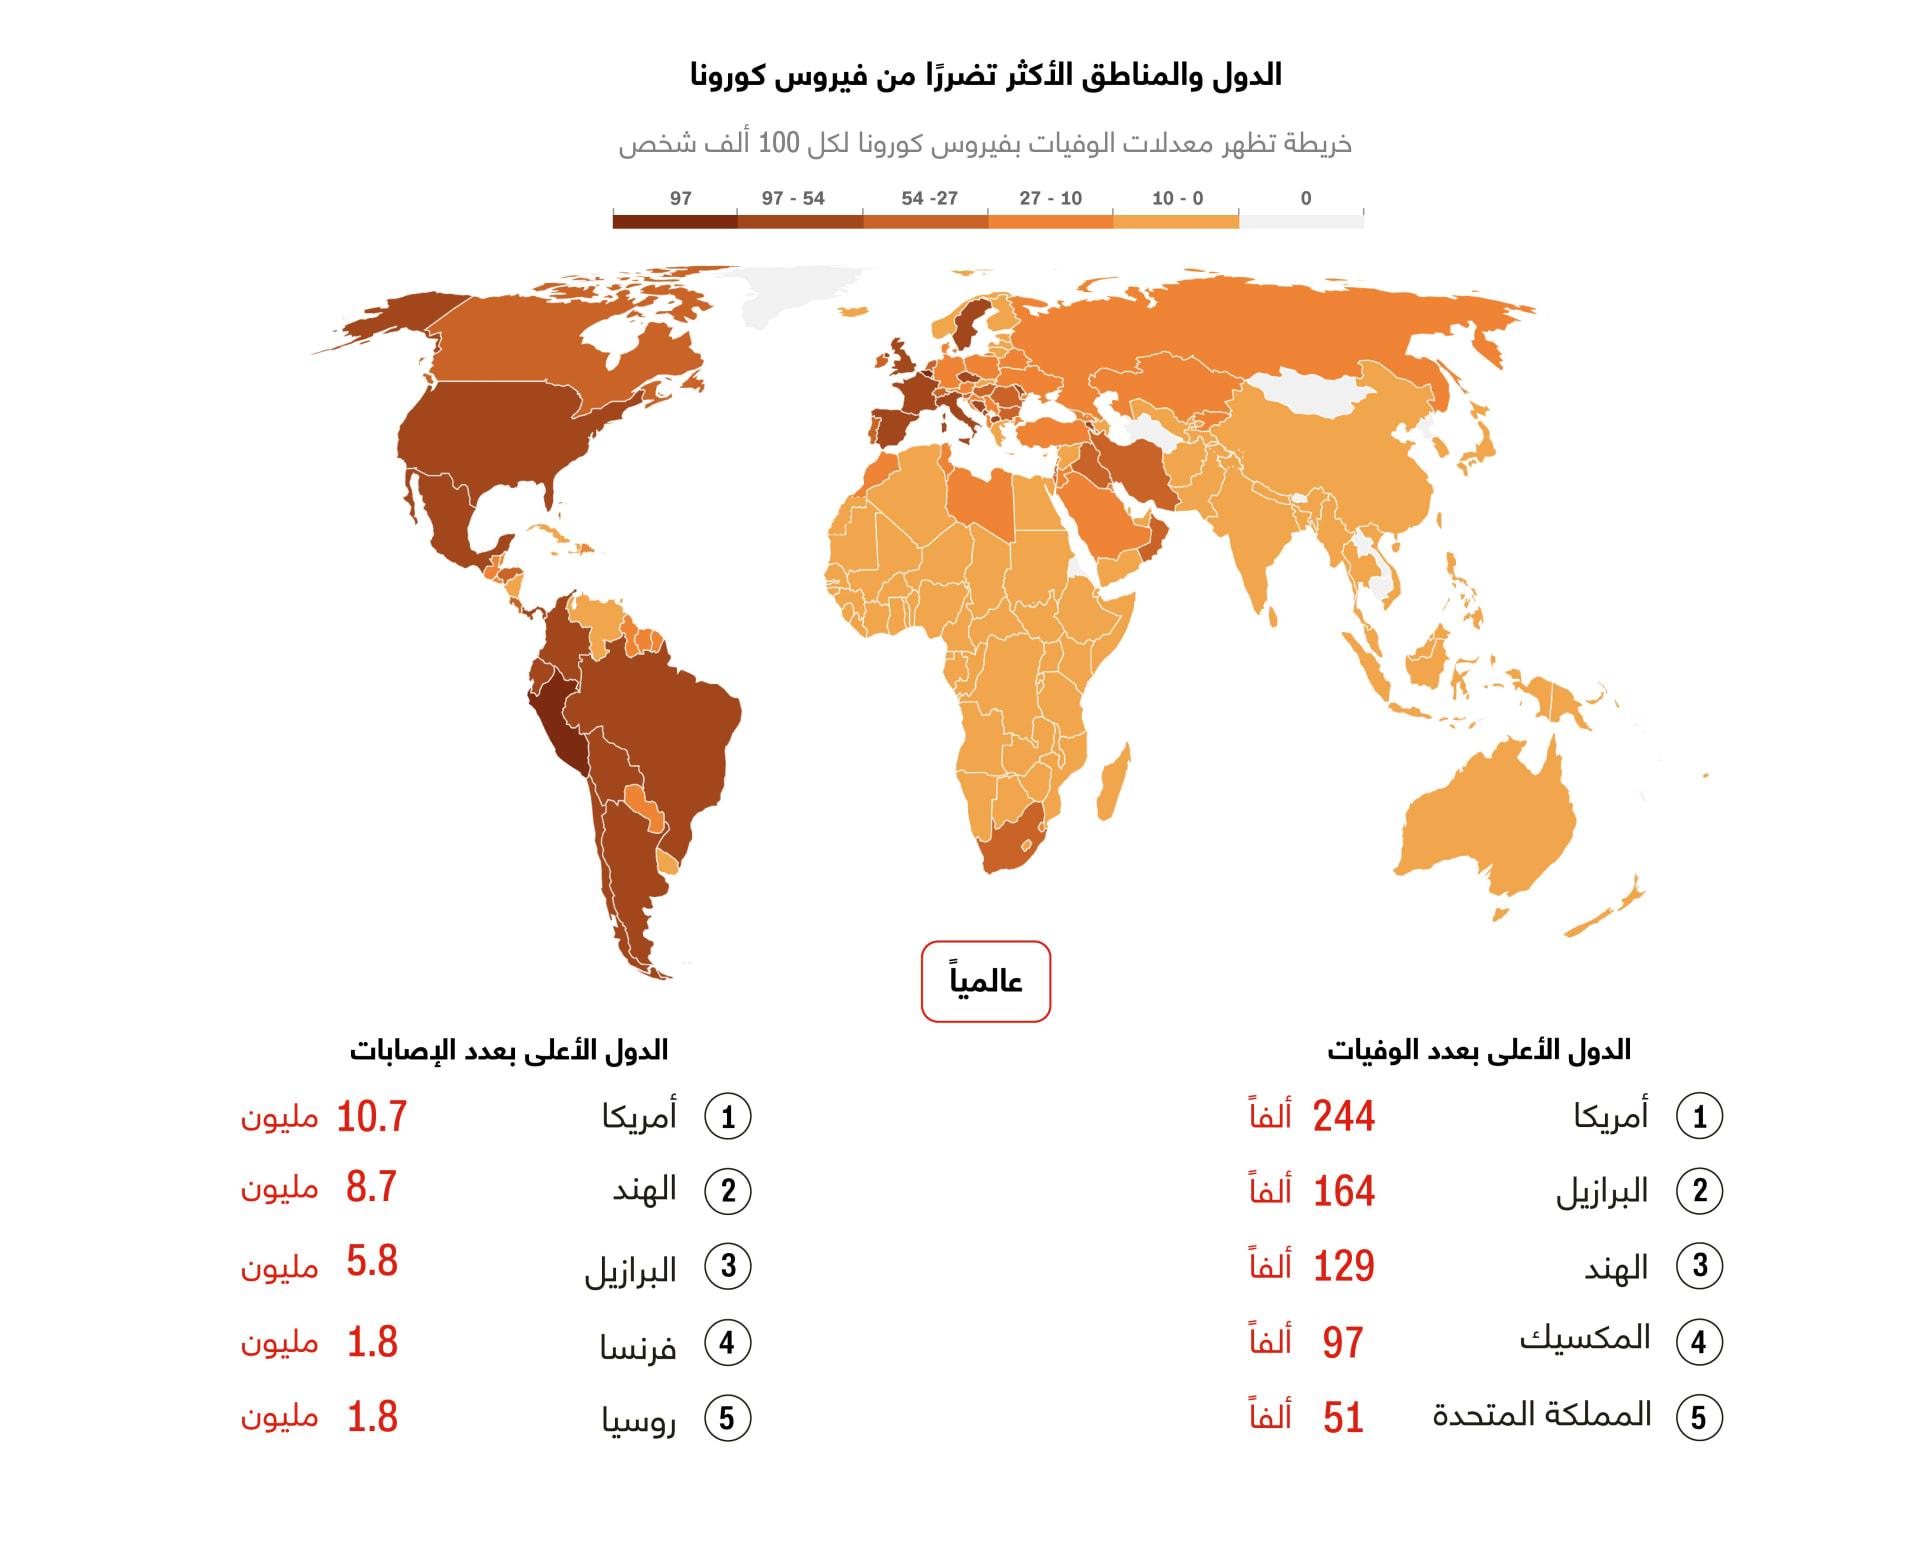 ما هي الدول الأكثر تضرراً بعد تخطي حاجز الـ 53 مليون حالة إصابة بفيروس كورونا حول العام؟